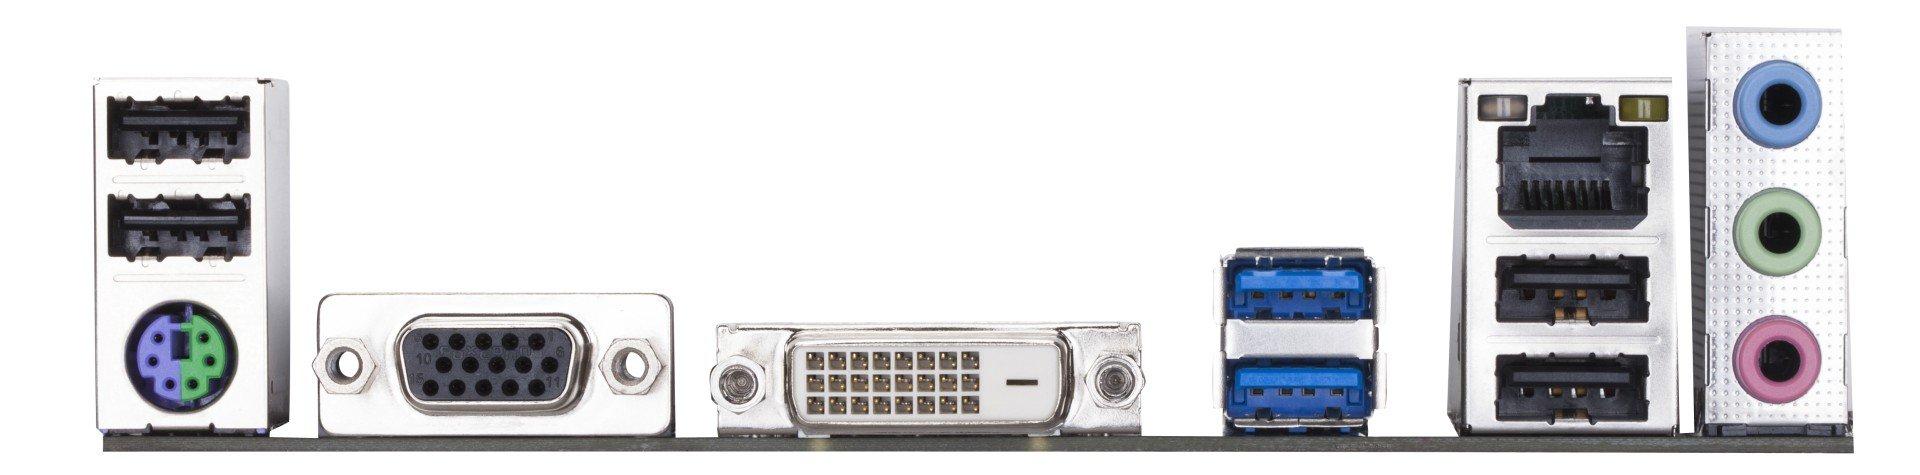 H310M S2V